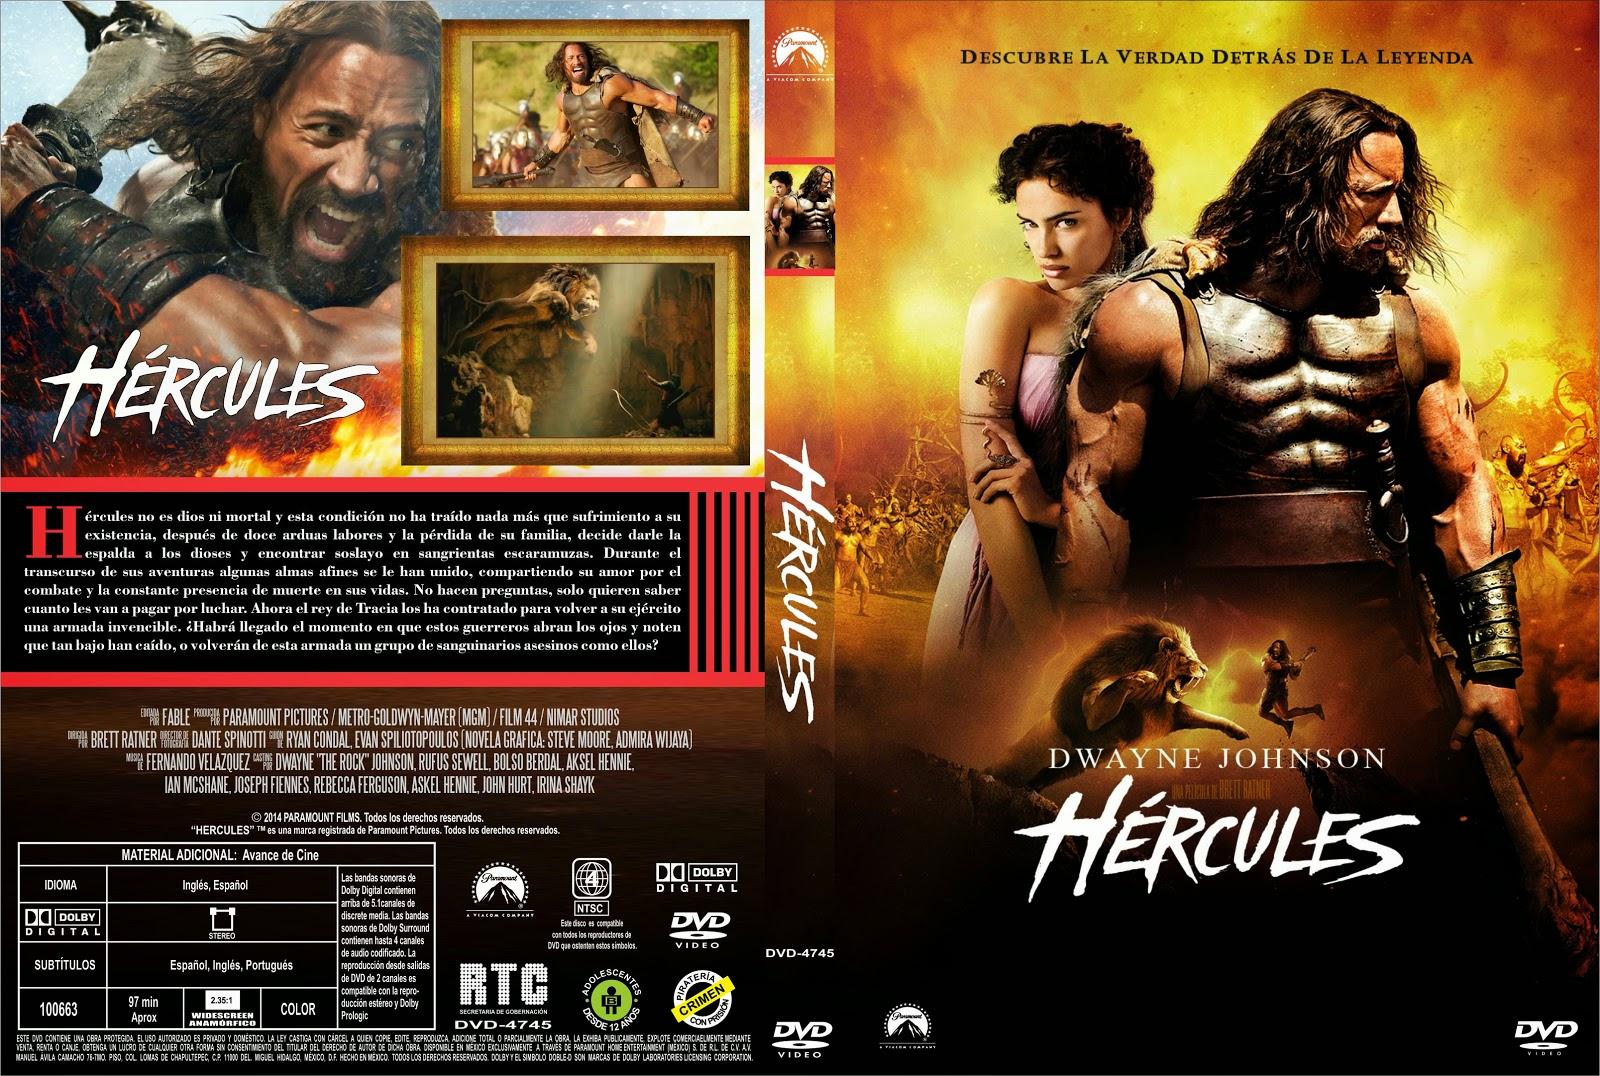 Hercules 2014 dvd